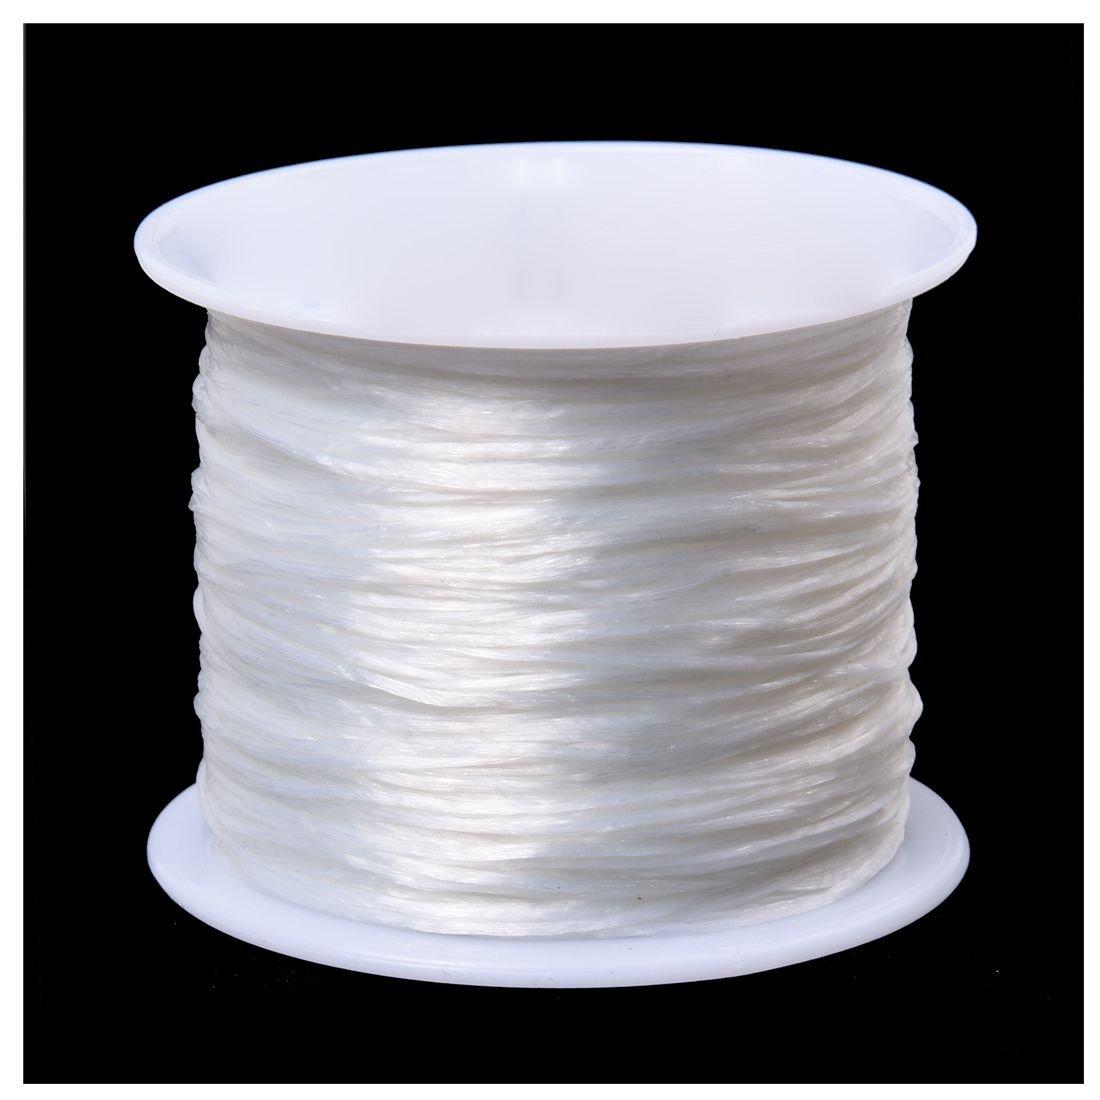 Andifany Blanc Elastique Extensible Cristal Ligne Bijoux Perles Bobine de Fil 100 Metres